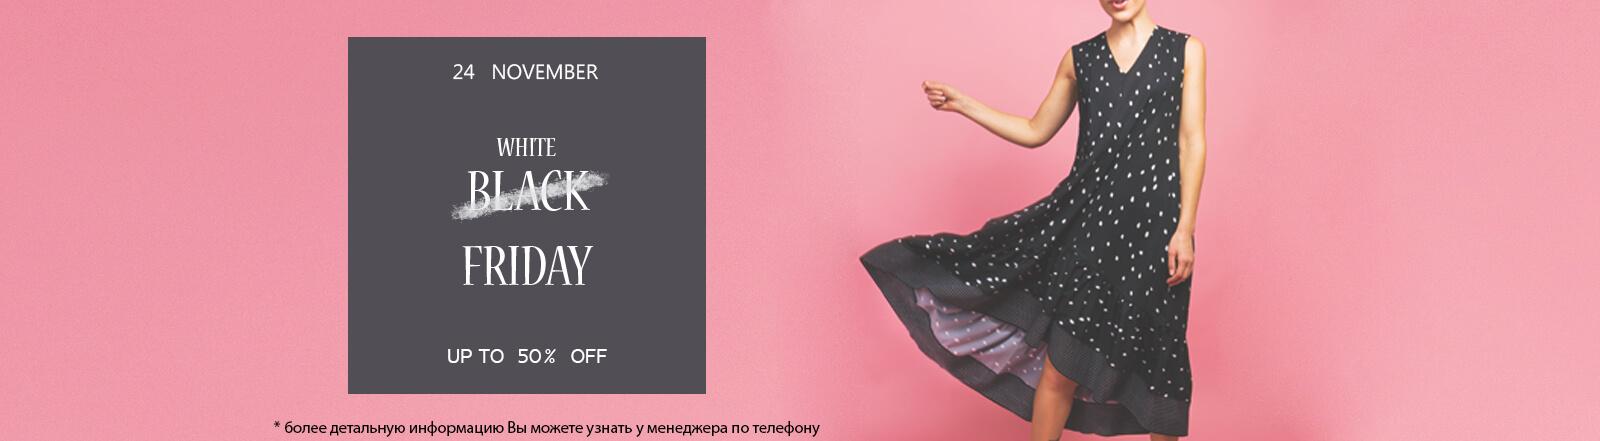 Купить женскую одежду интернет магазин украина